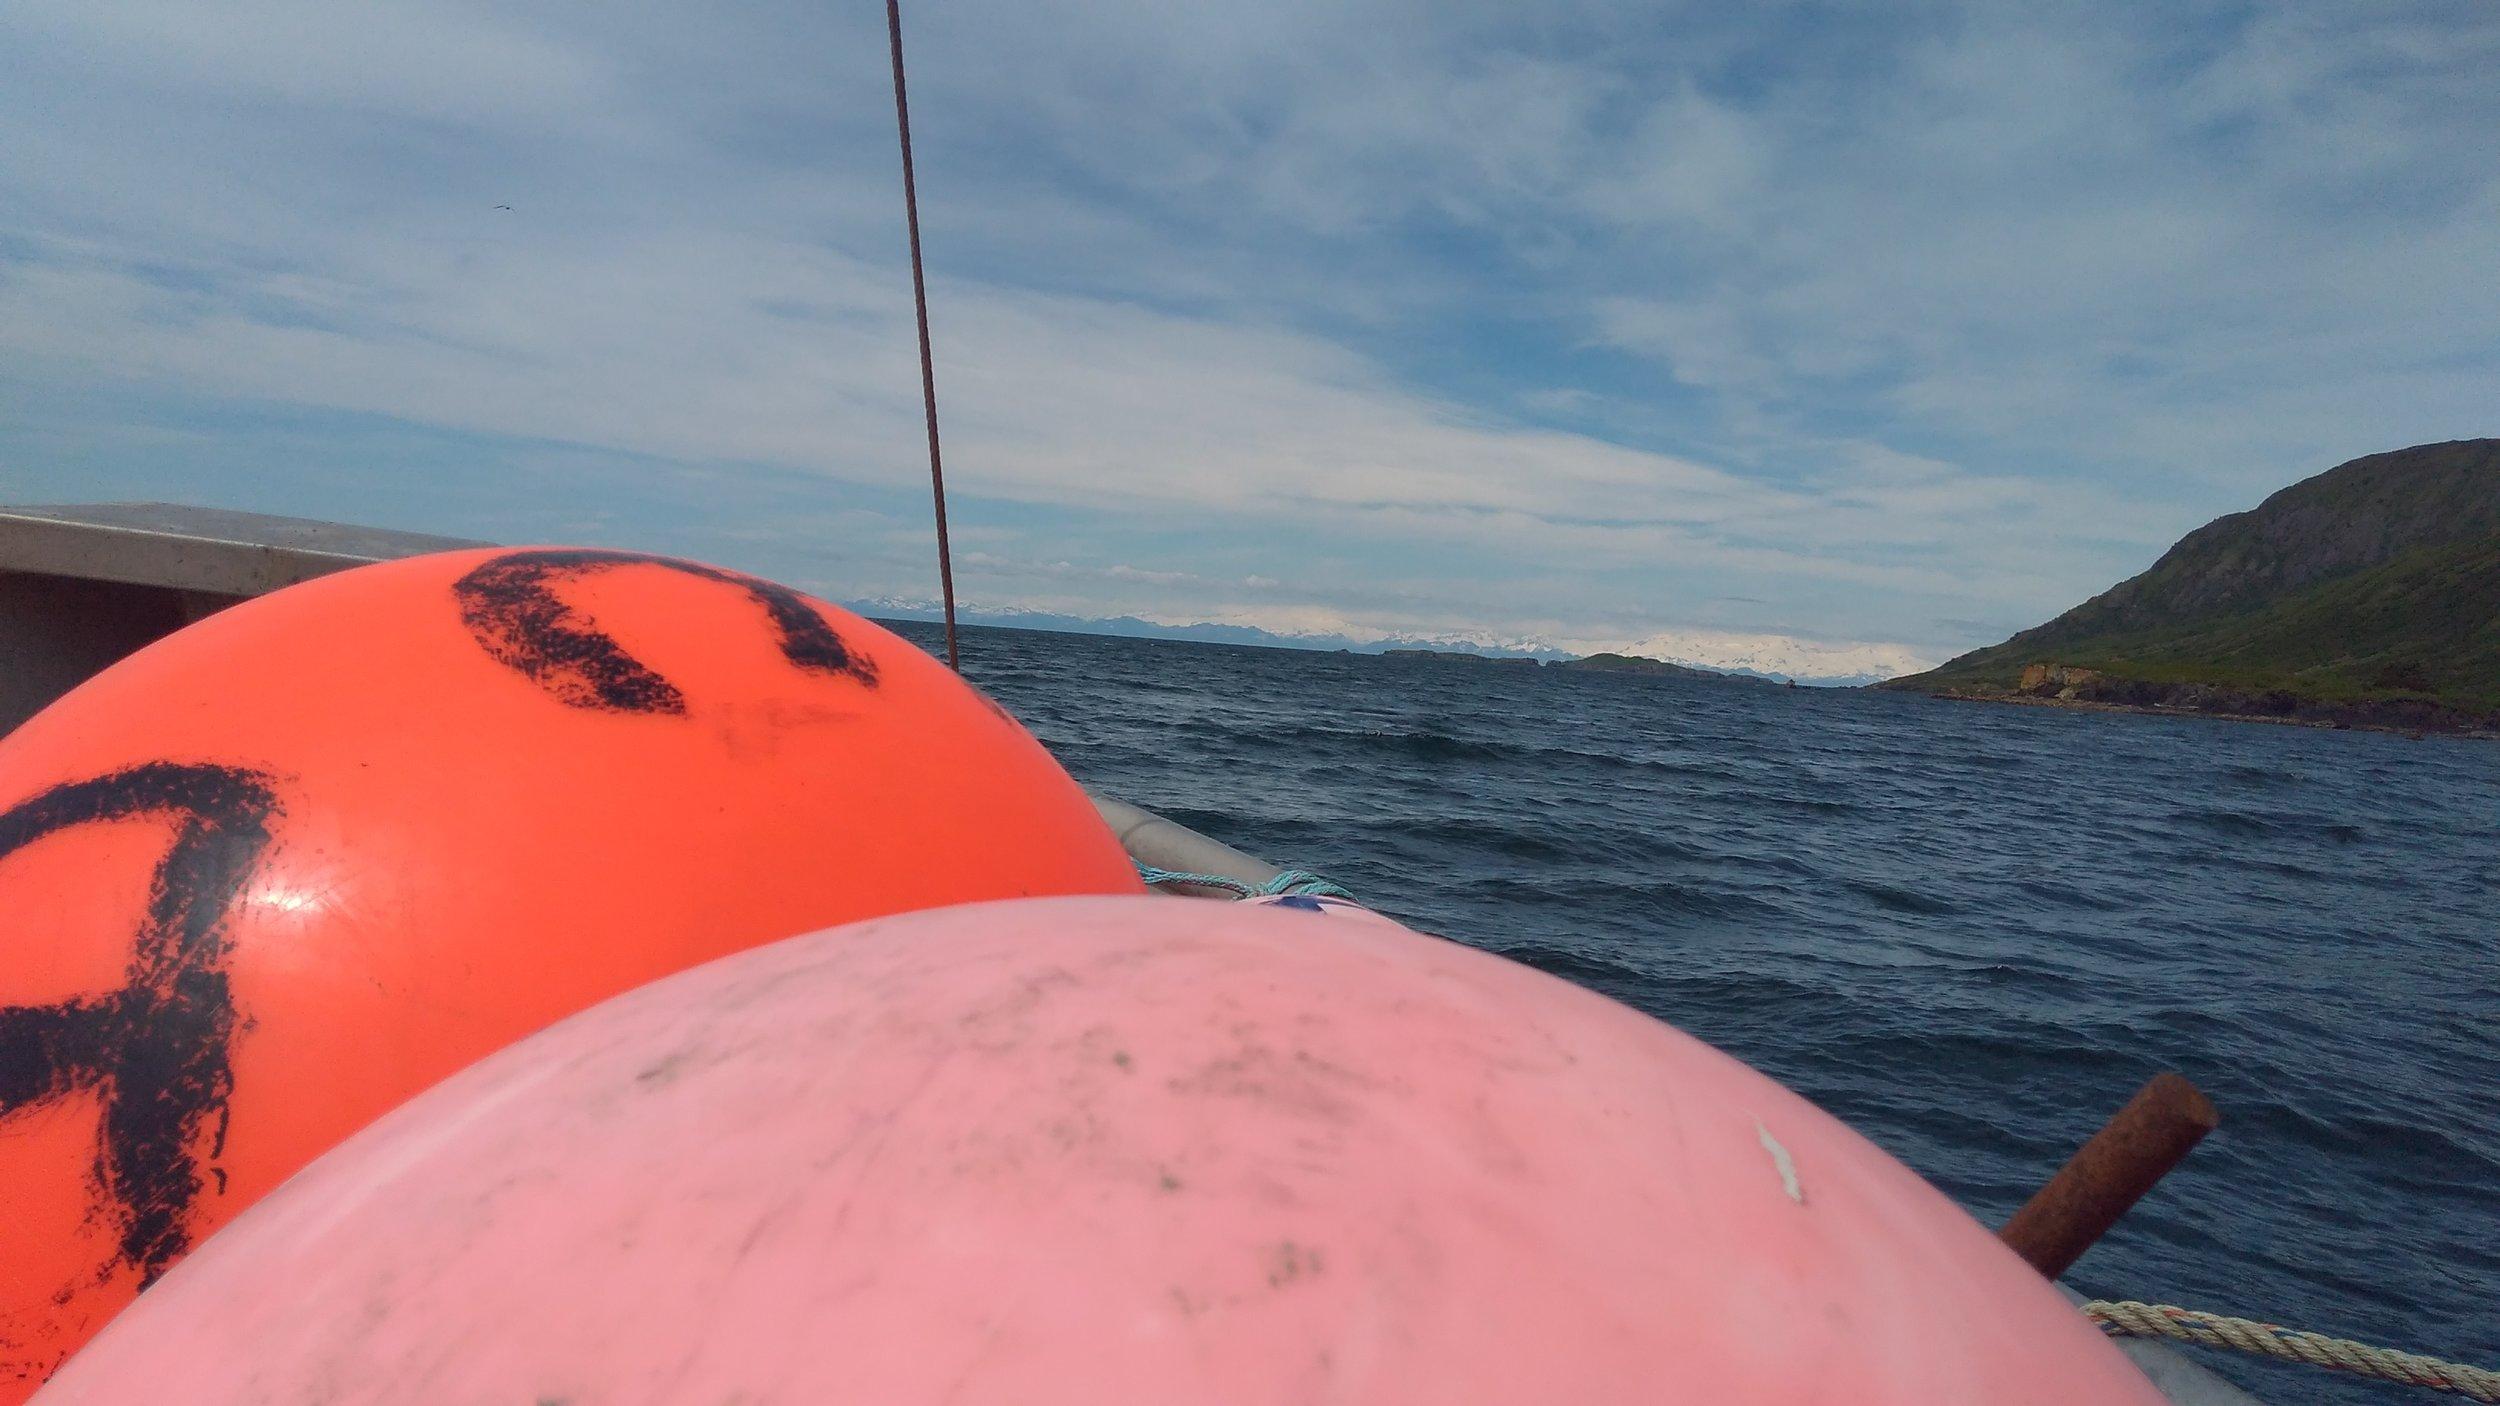 Buoys on the holding skiff